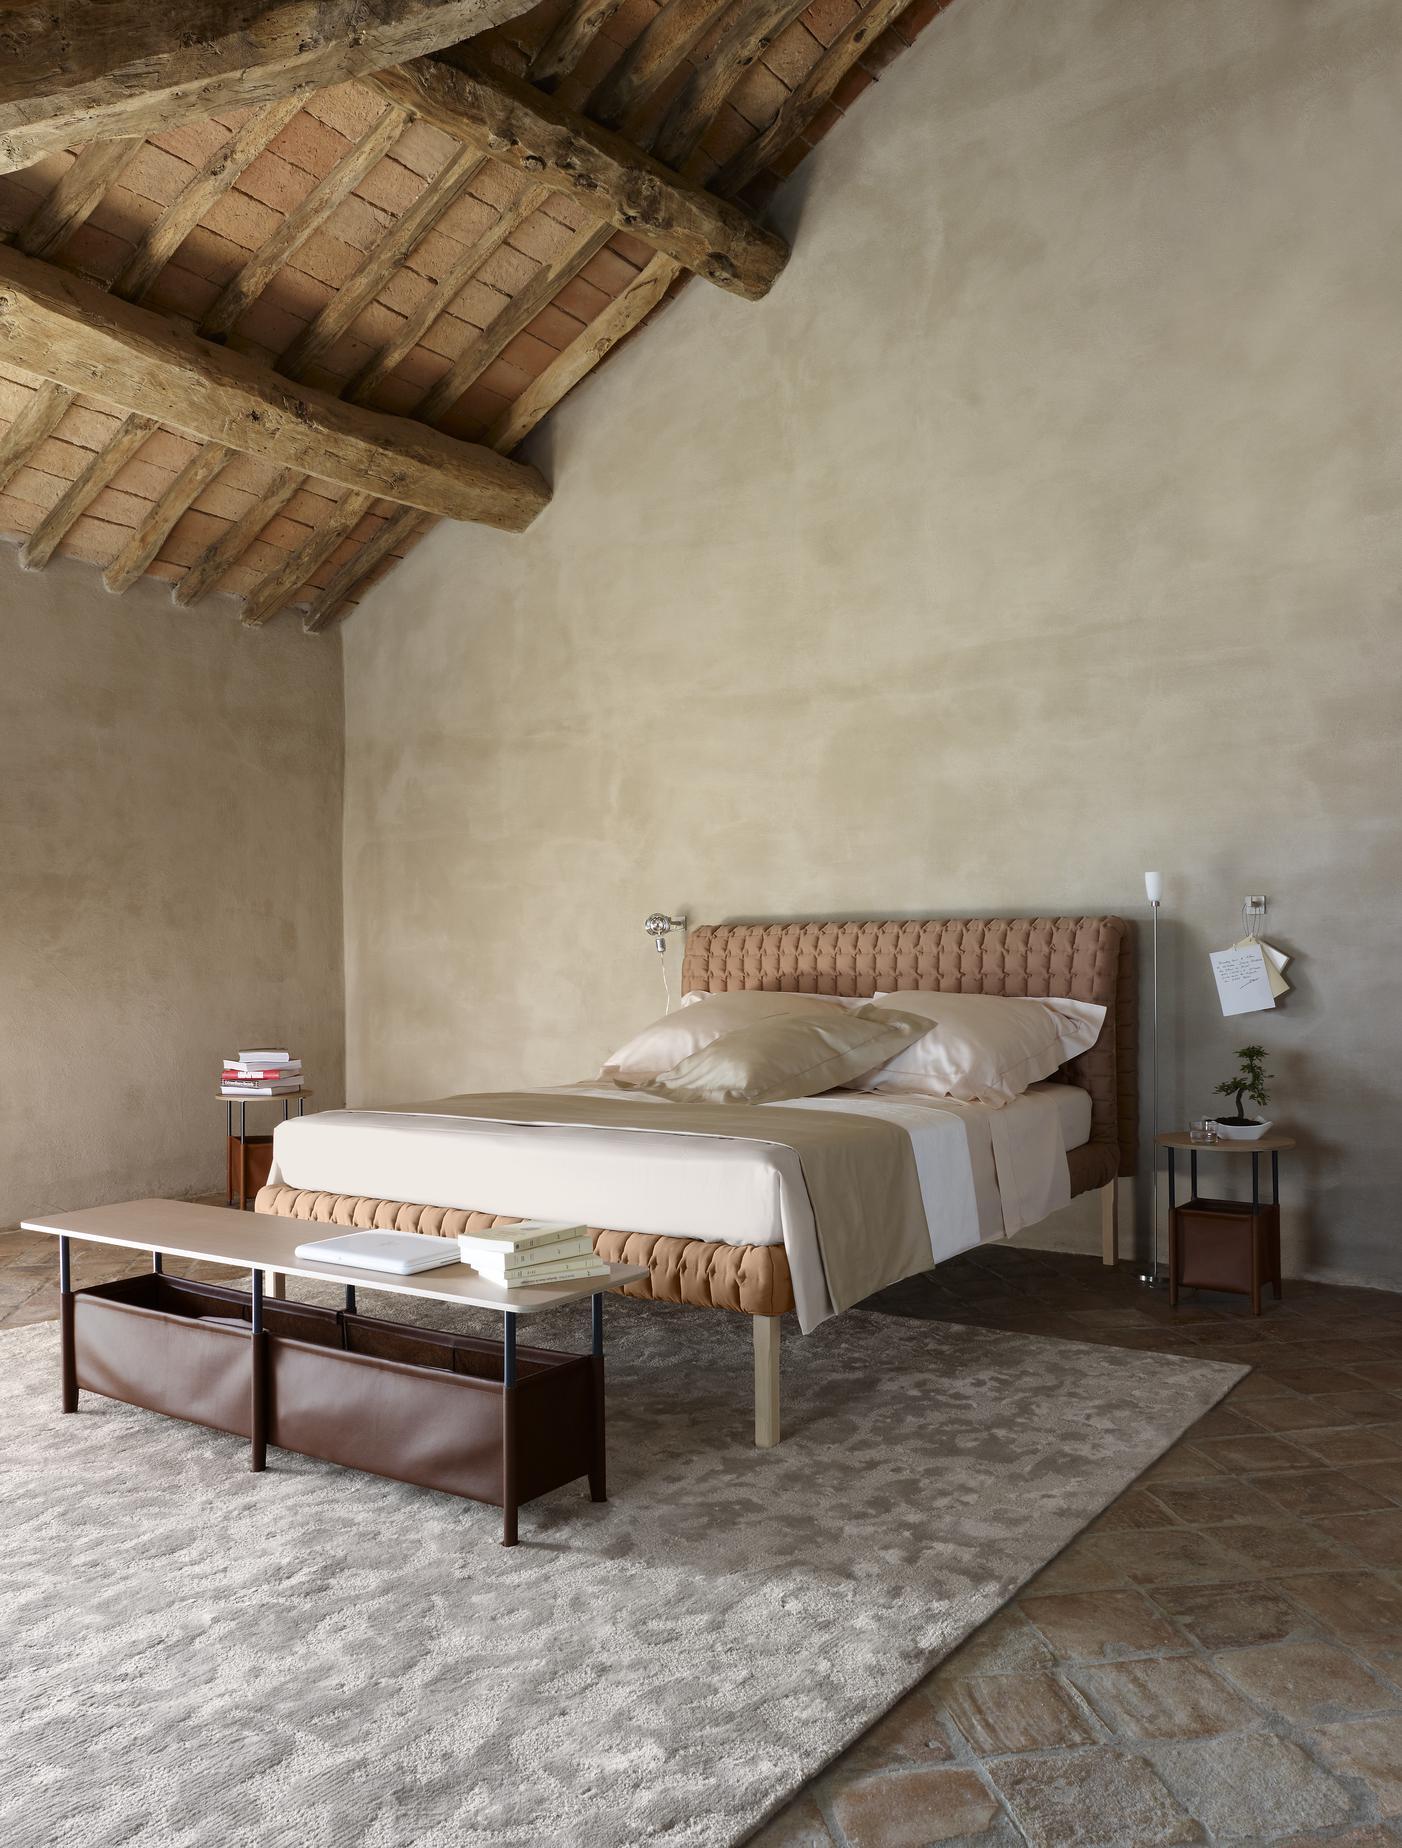 ligne roset peter maly bett nomade express ligne roset. Black Bedroom Furniture Sets. Home Design Ideas